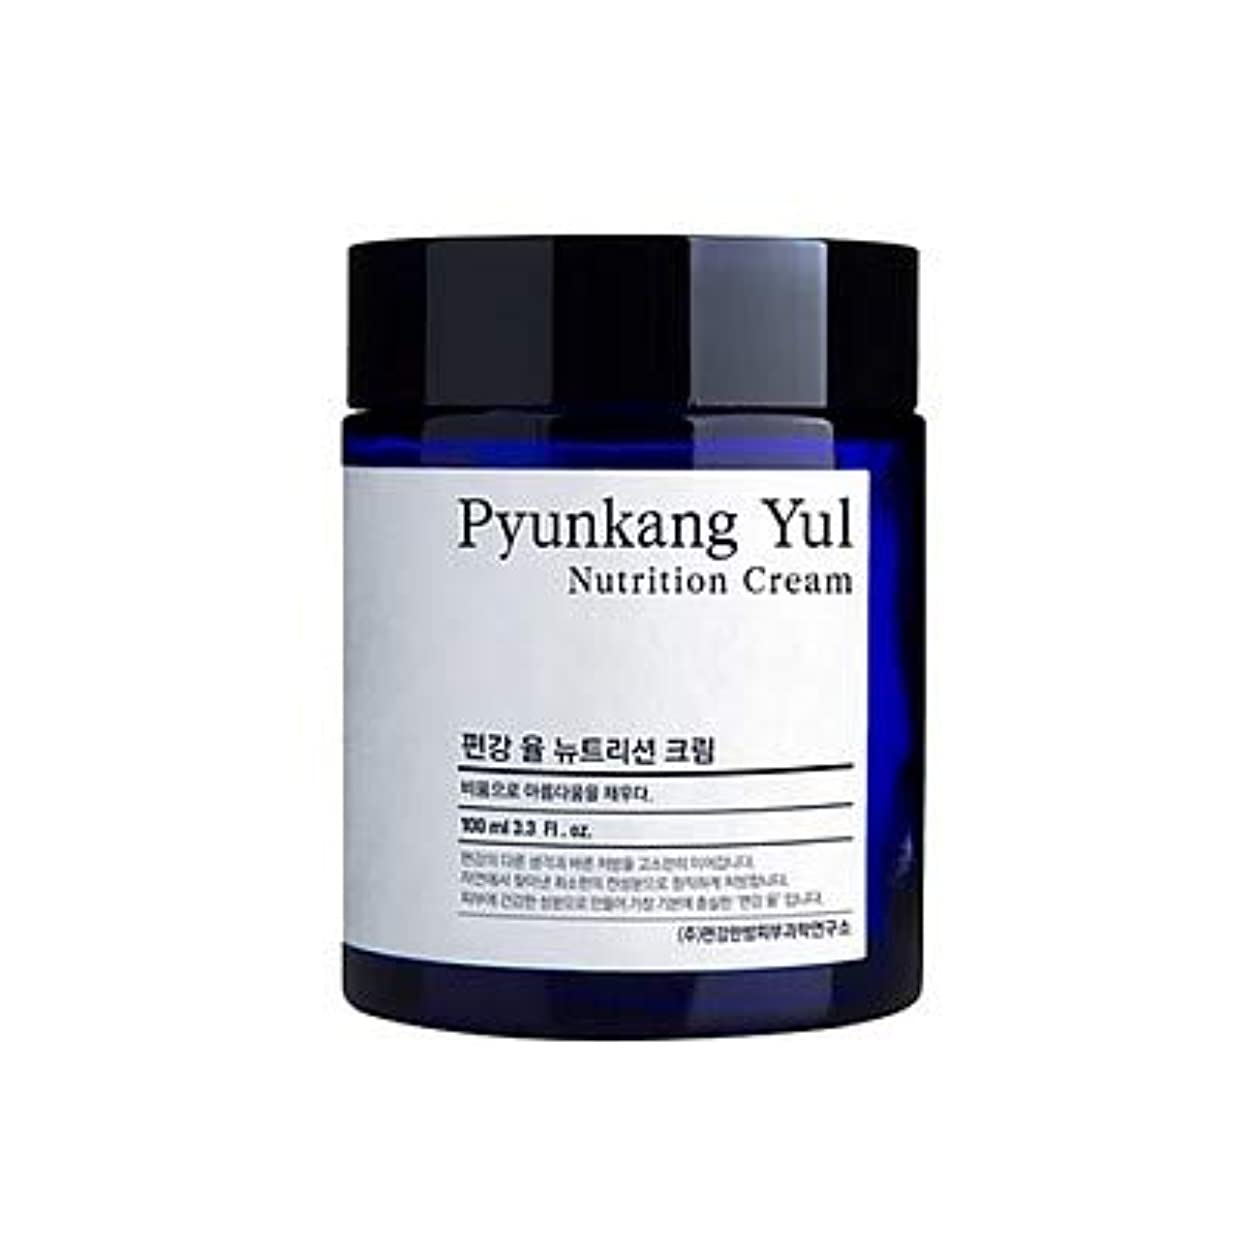 内なる崇拝するアクロバット[扁康率(PYUNKANG YUL)] Nutrition Cream/栄養クリーム 100ml [並行輸入品]